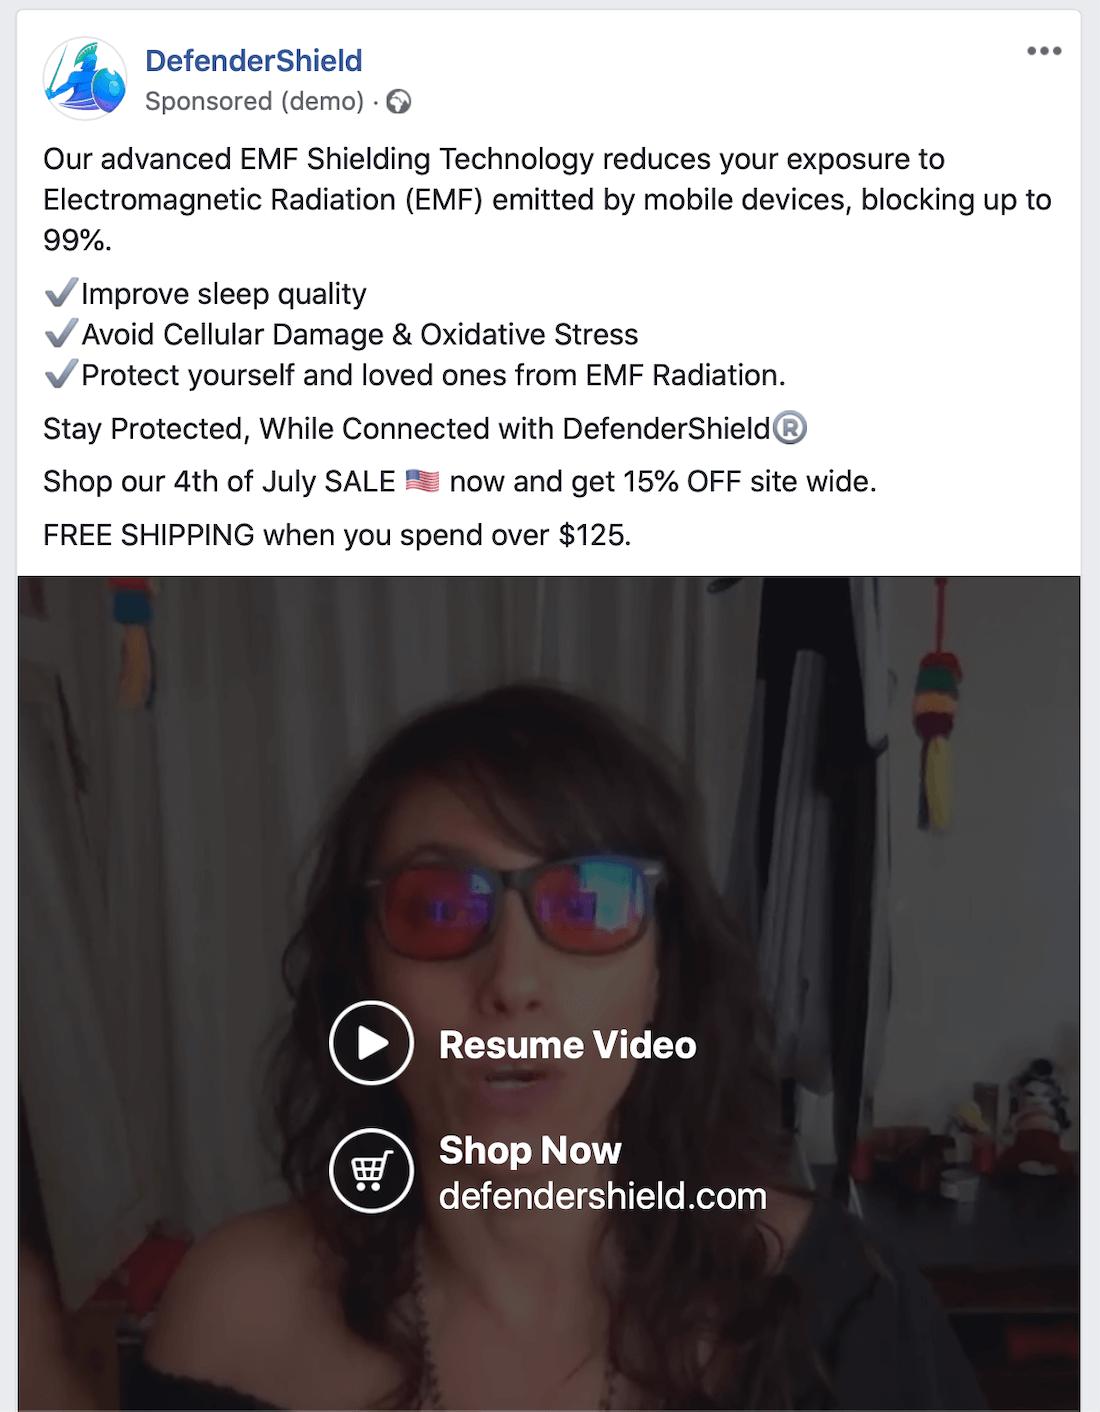 视频推荐广告示例